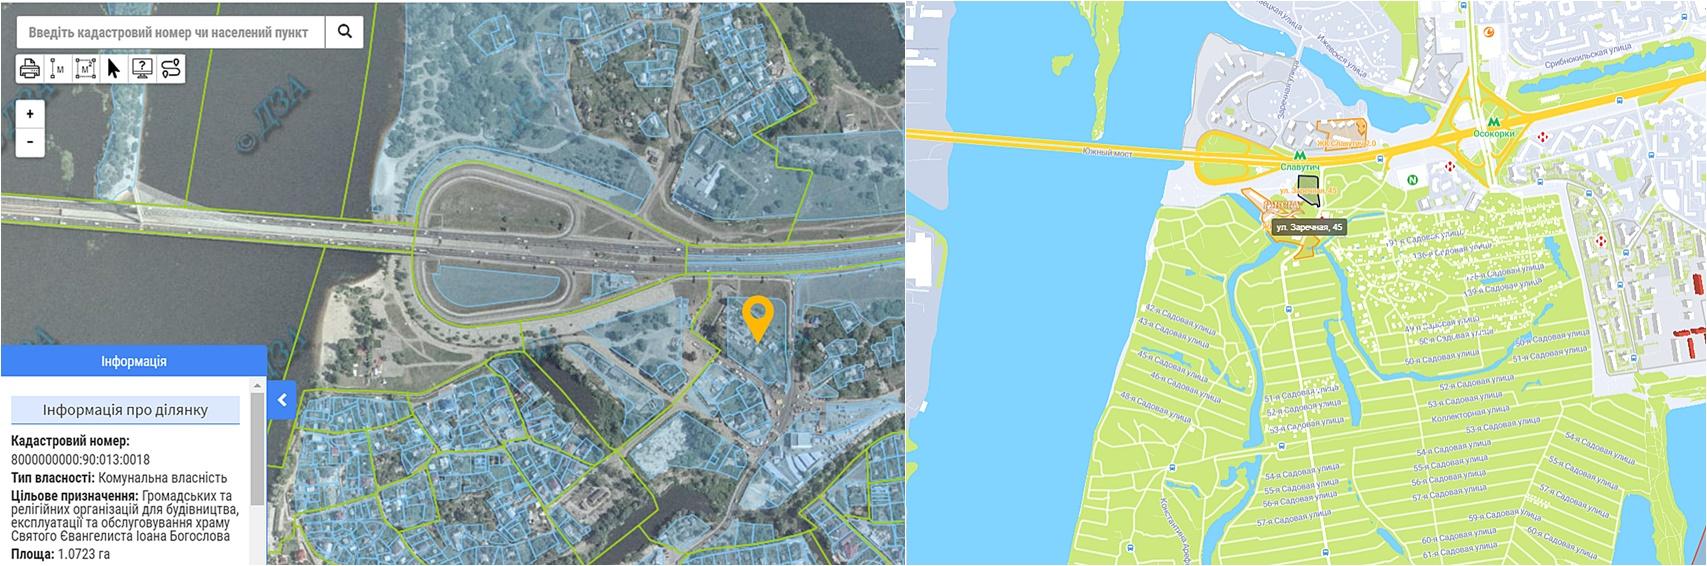 Многофункциональный комплекс по ул. Заречная, 45 данные кадастра и на карте